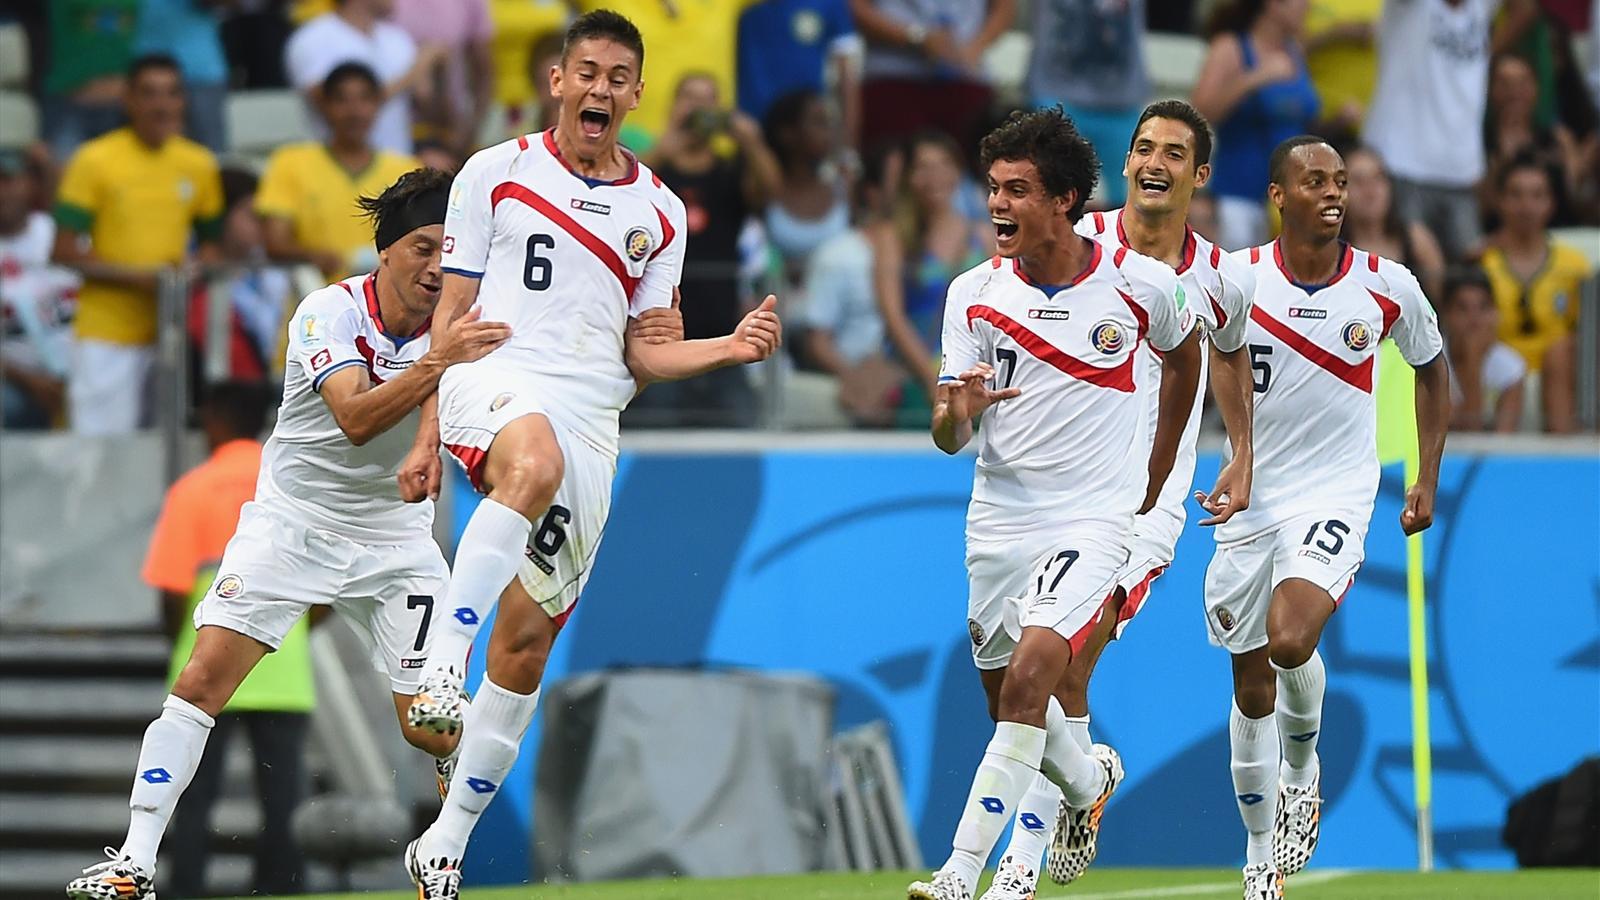 во втором матче встретятся сборные уругвая и коста-рики смотреть онлайн него